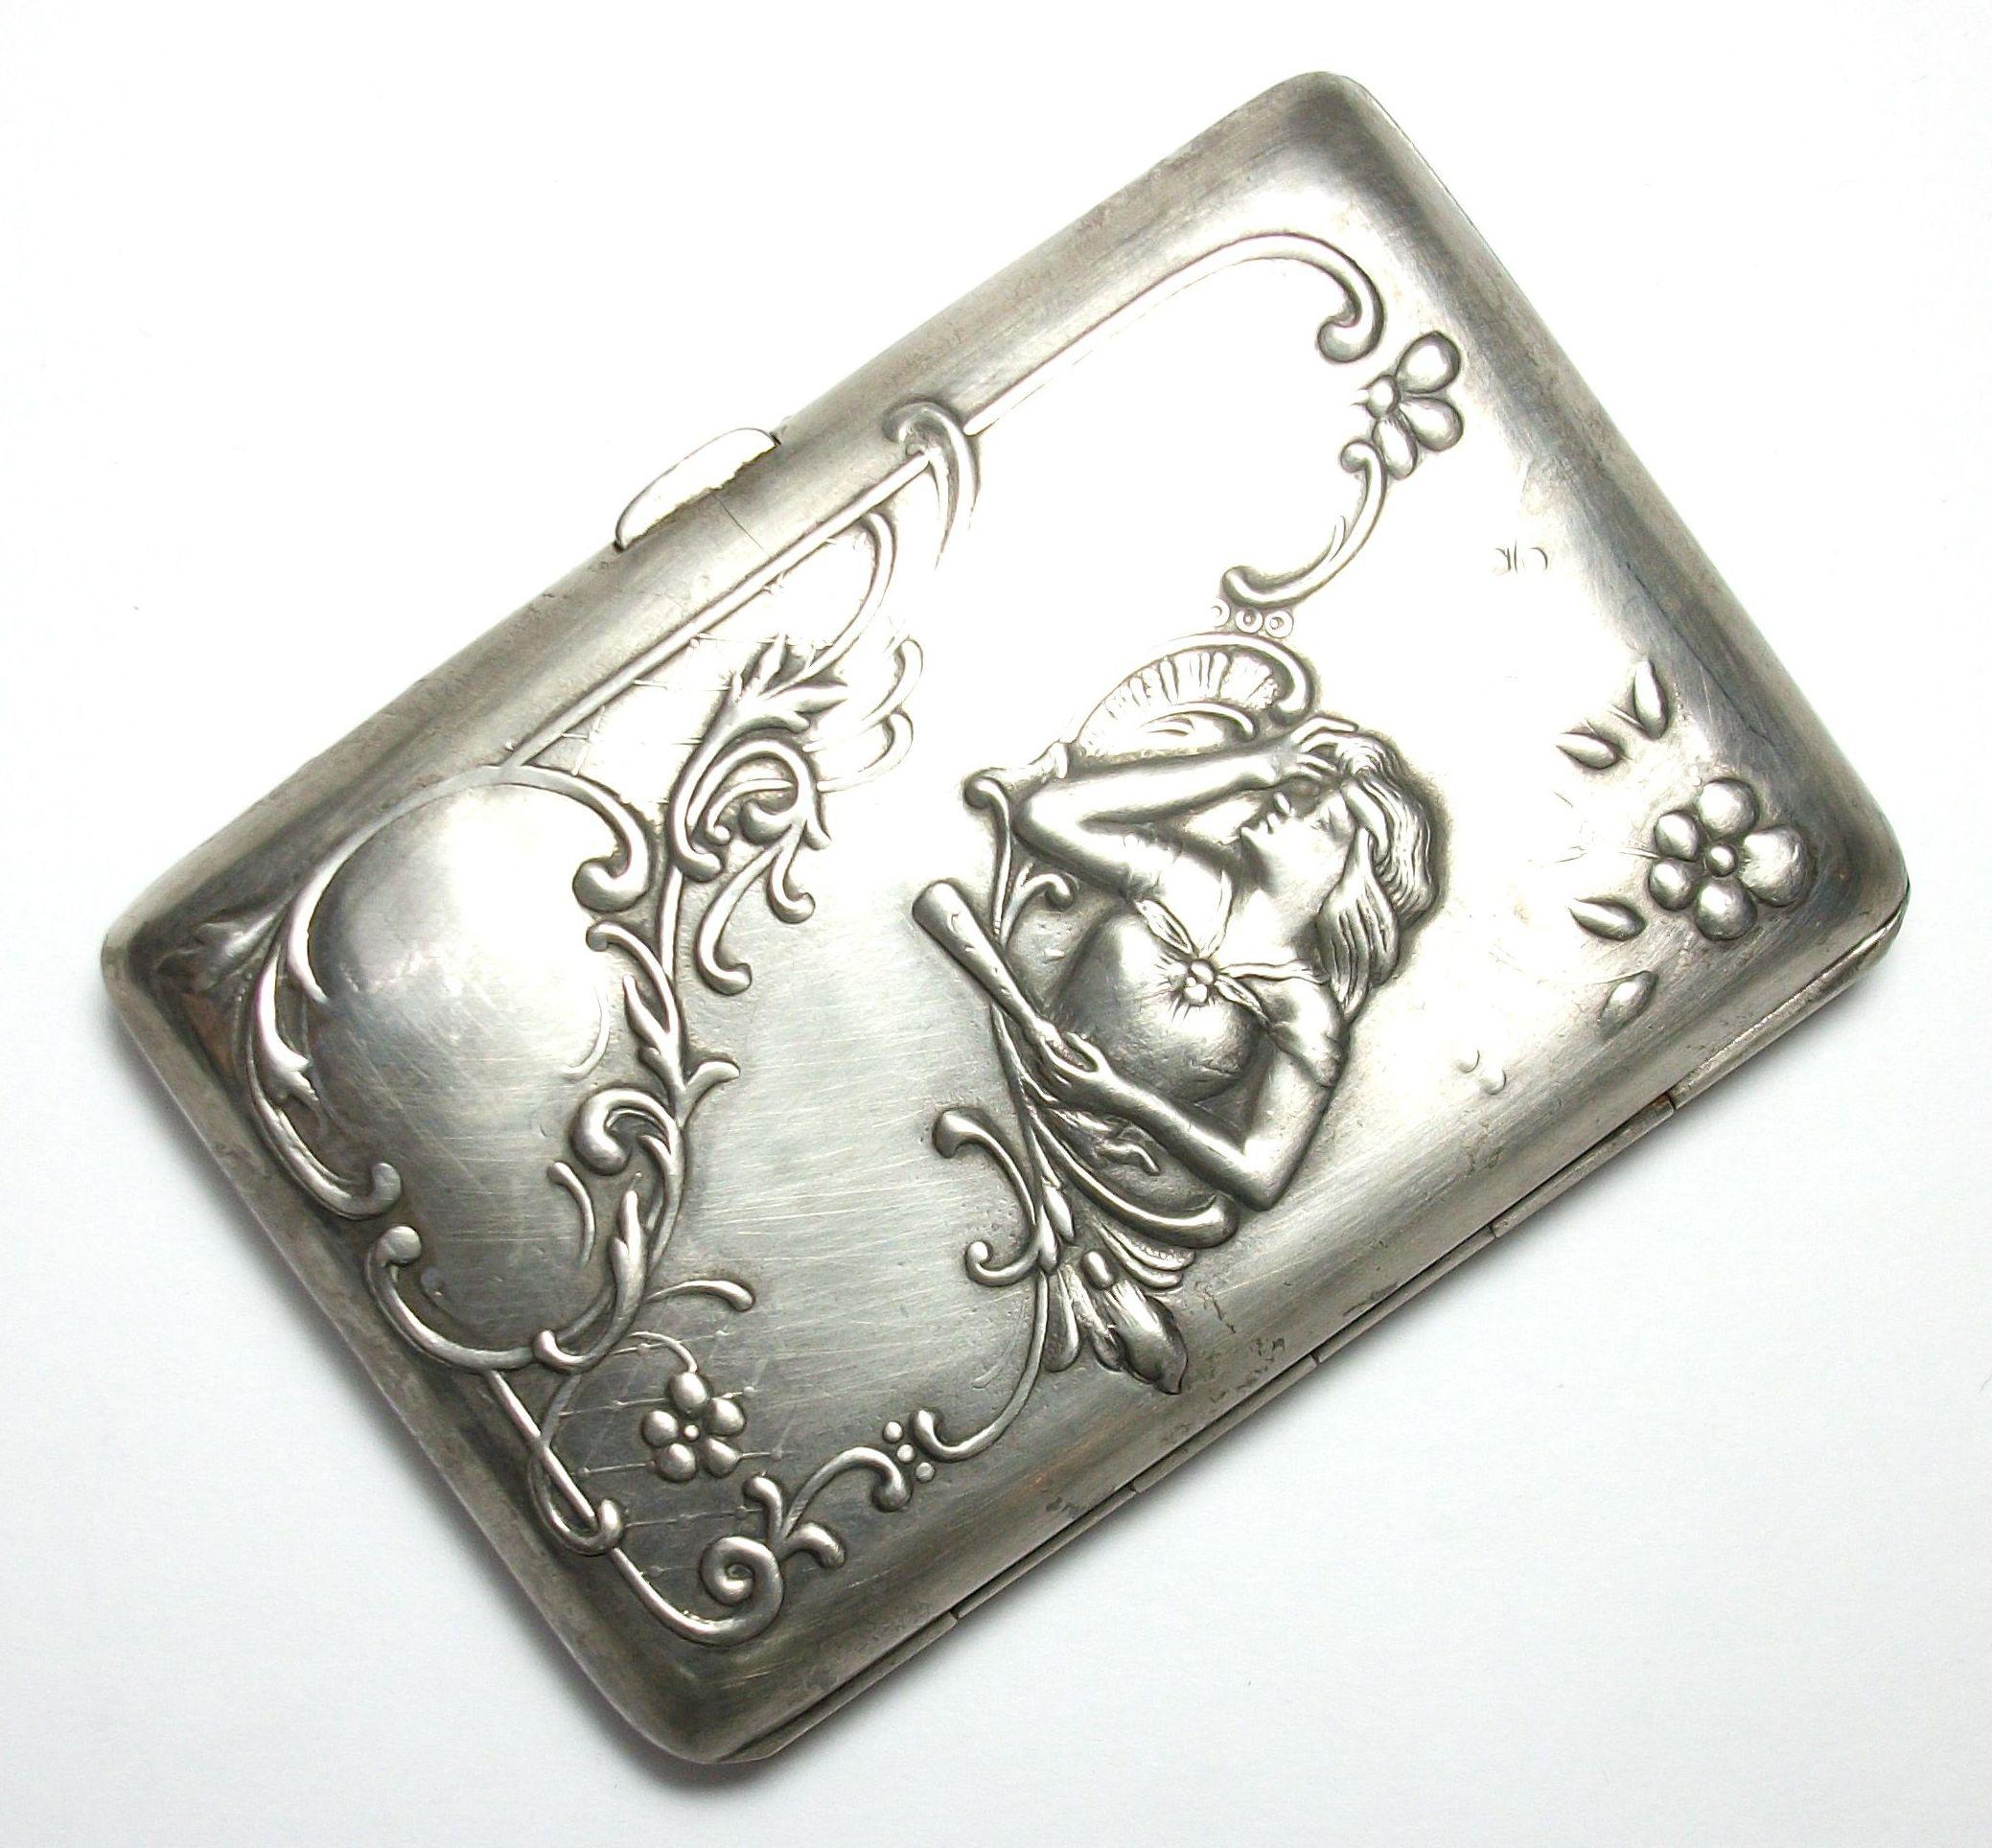 Tabaquera Modernista de plata de ley (925) . Circa: 1900-1910: Catálogo de Antigua Joyeros